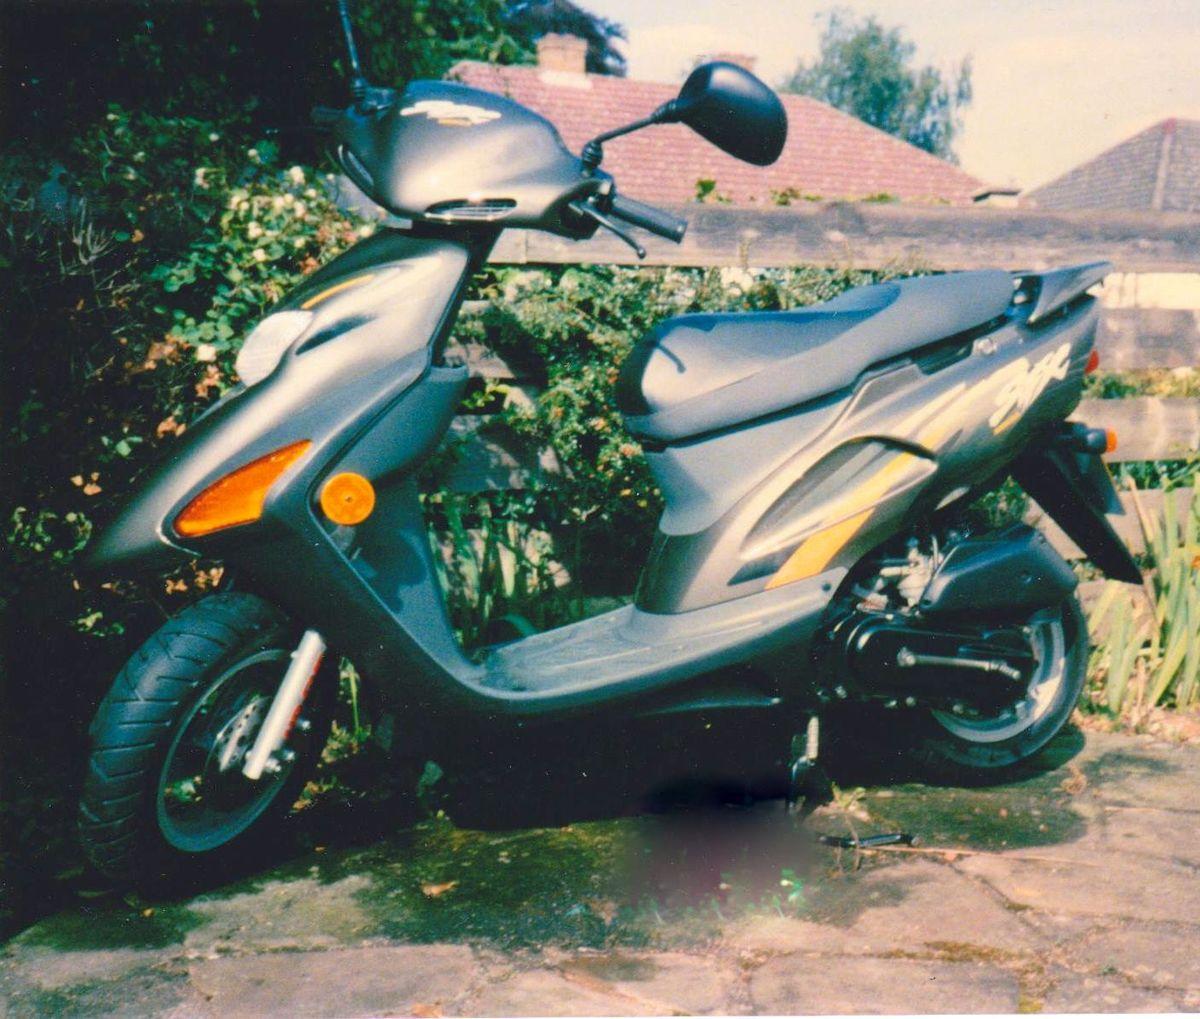 Honda SFX50 - Wikipedia